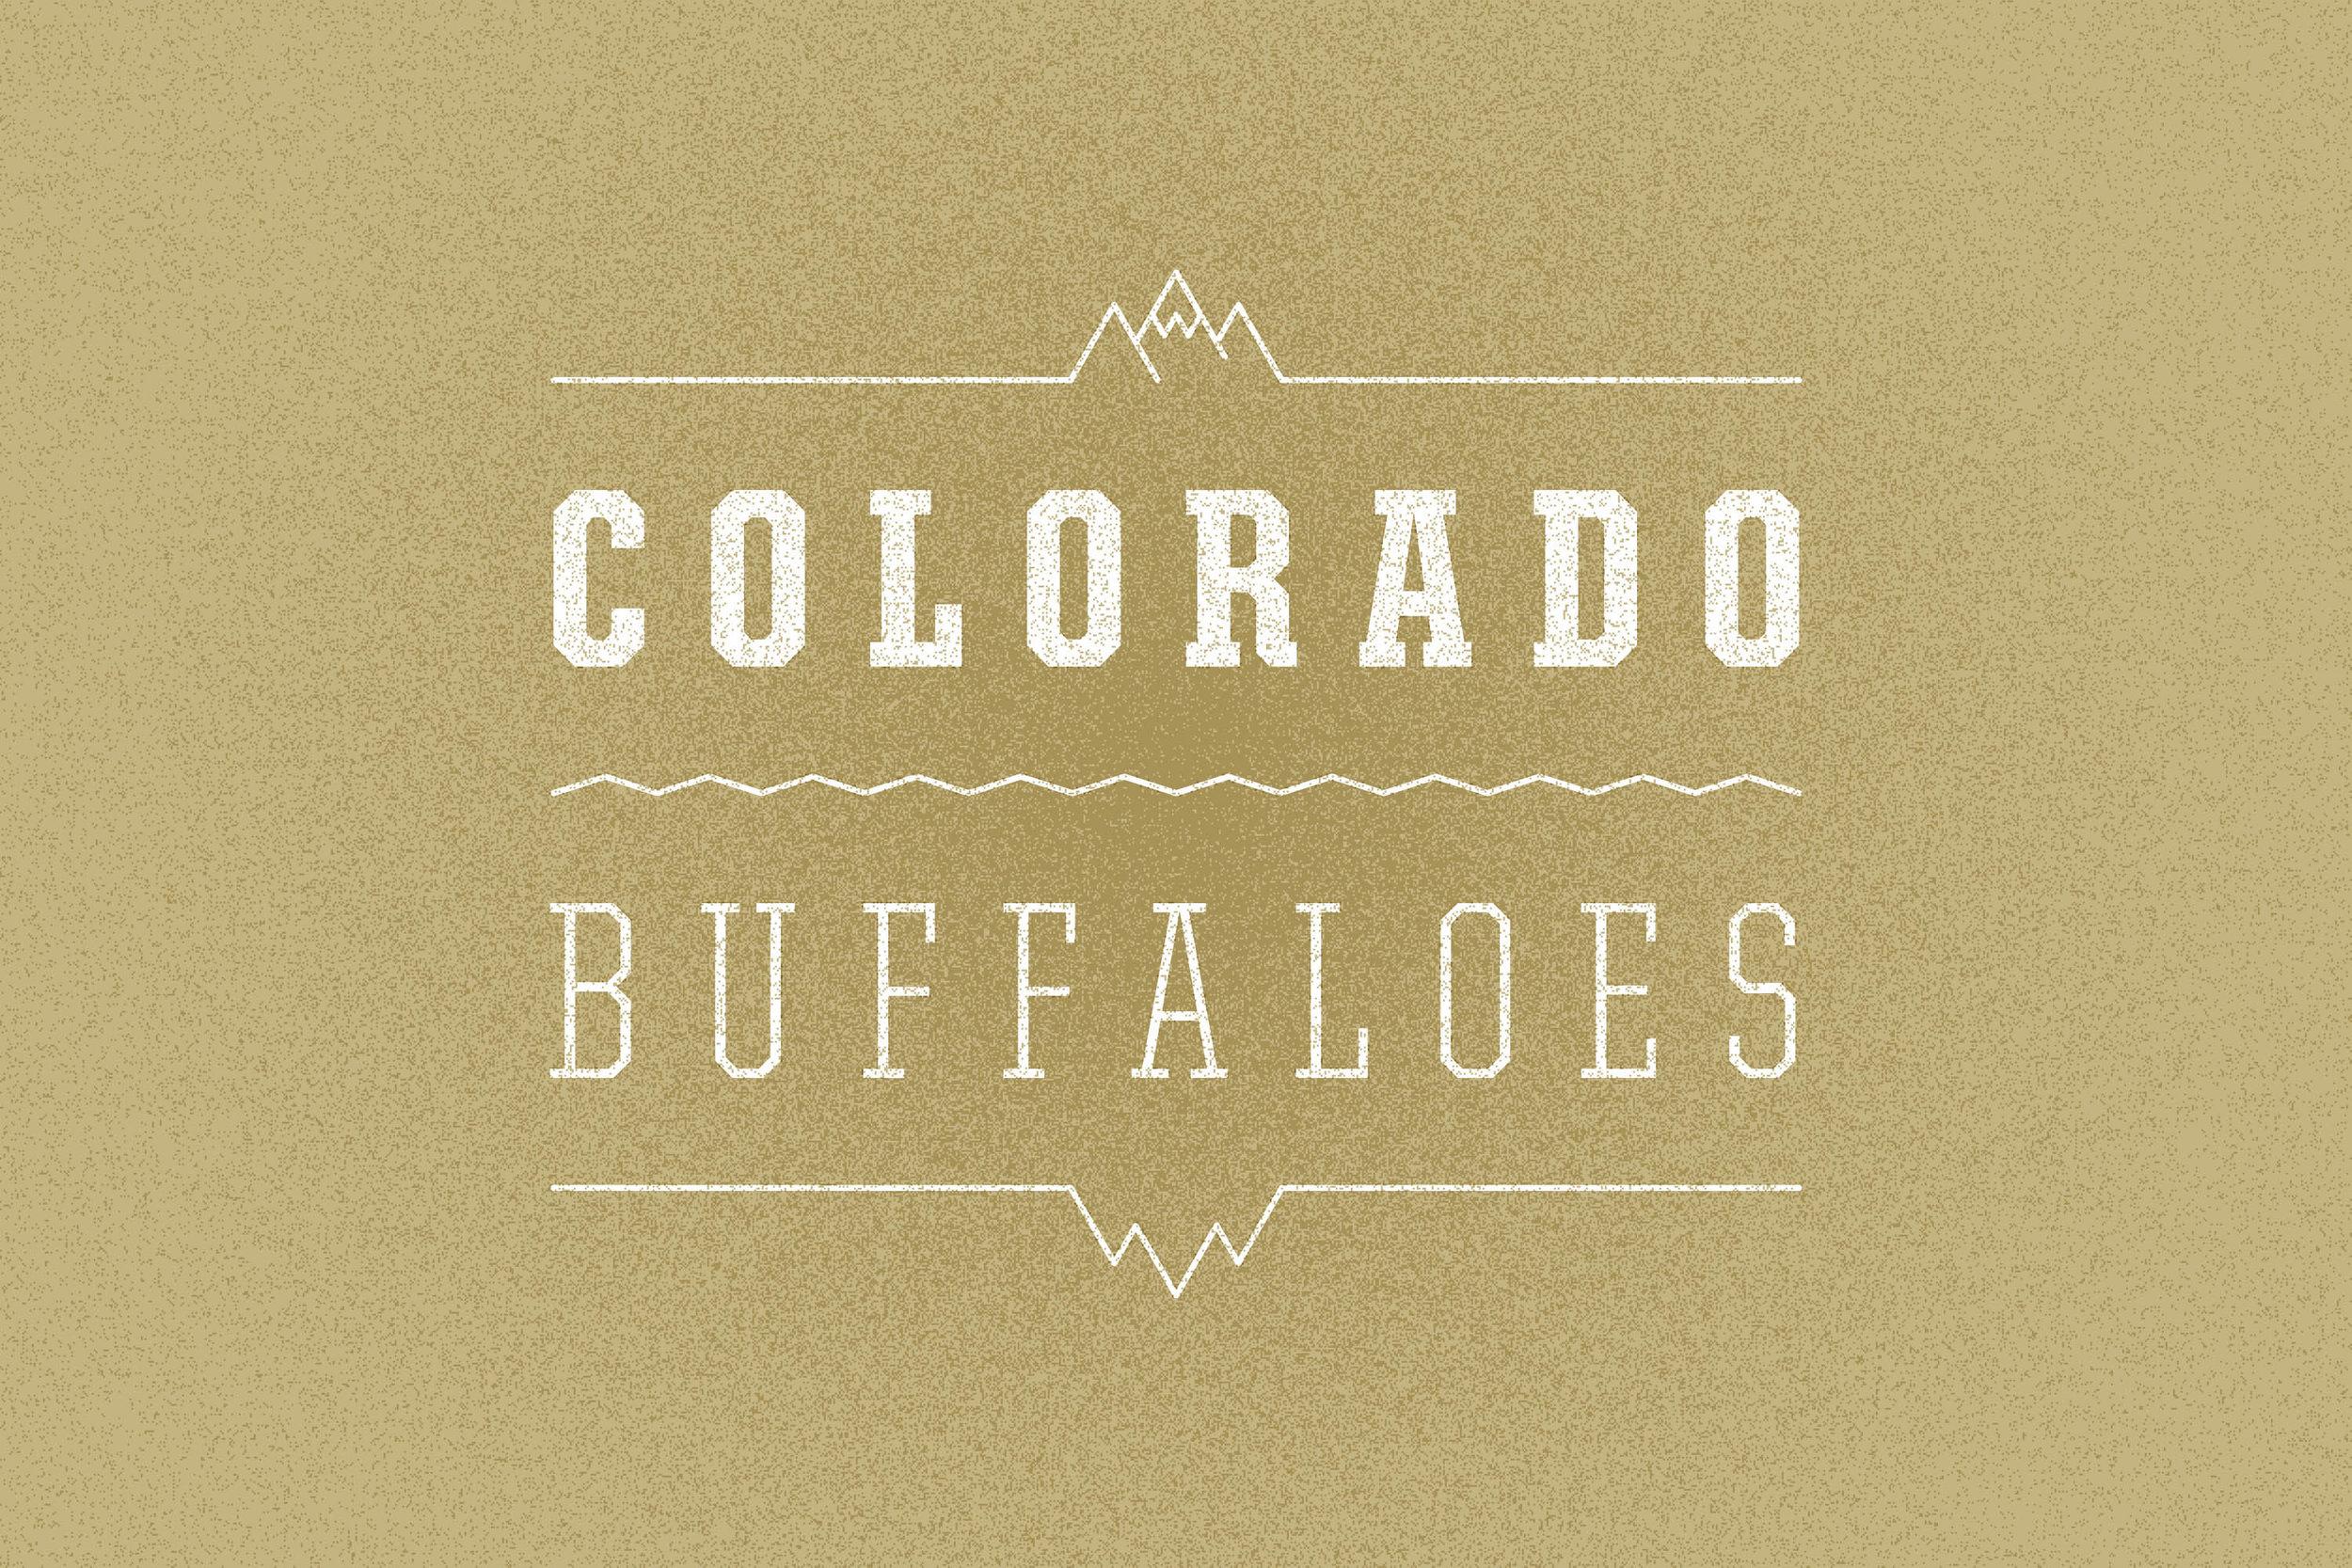 ronaldvillegas-illustration-ocjapparel-coloradobuffaloes-gold.jpg